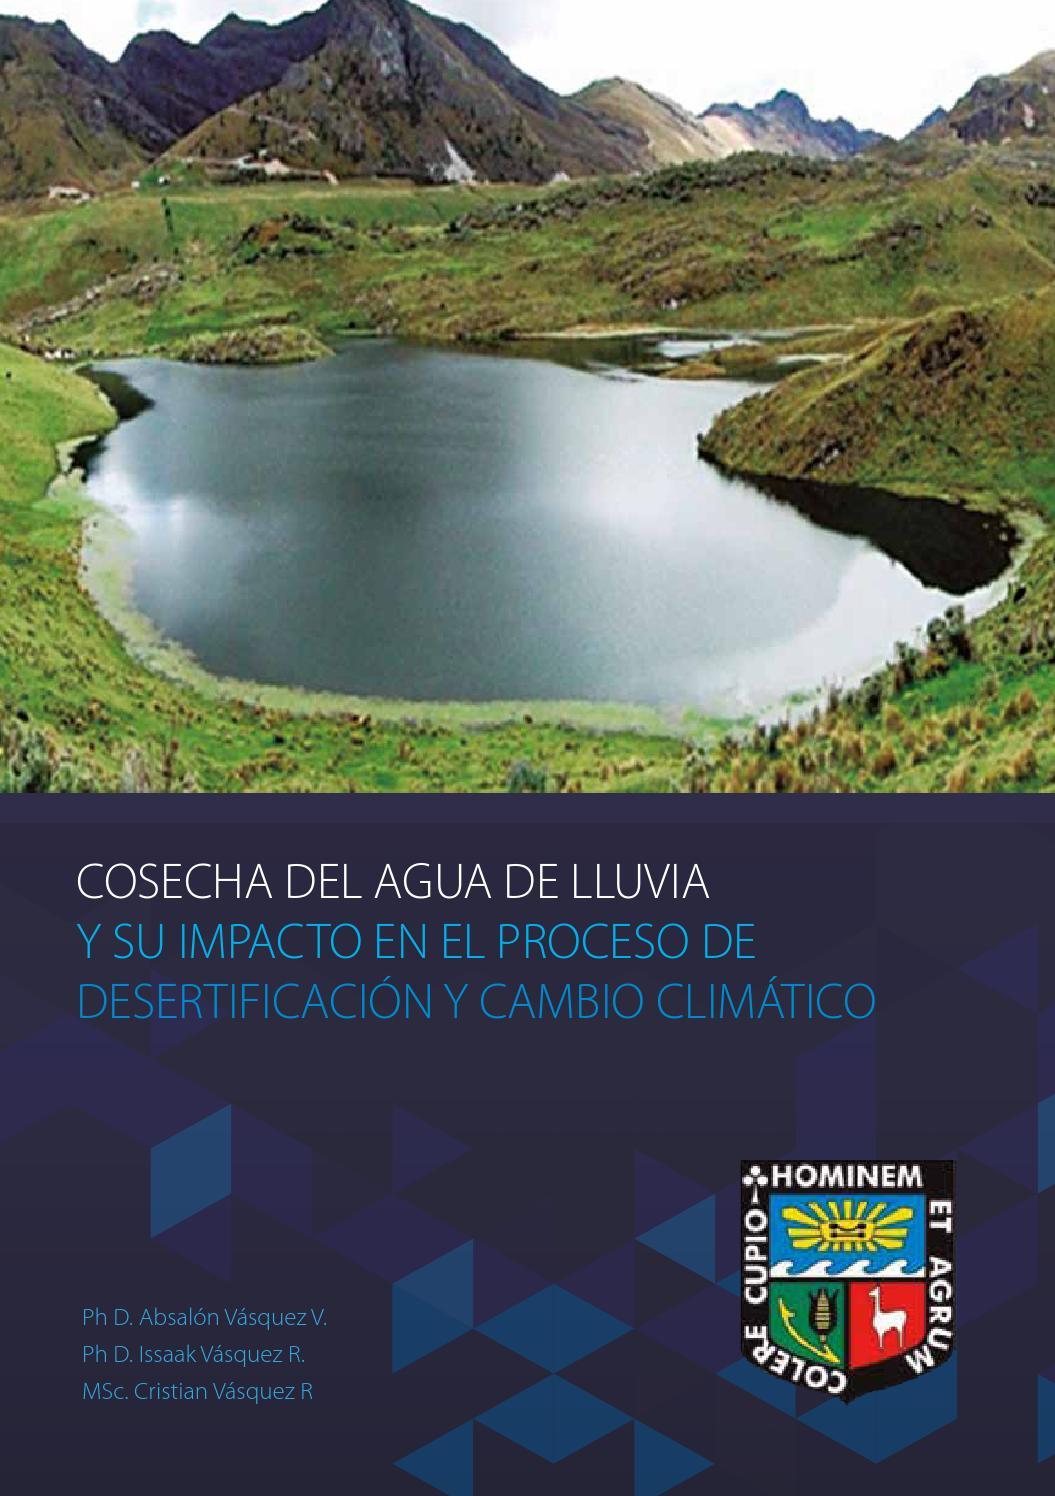 Cosecha de agua de lluvia by Instituto de Promoción para